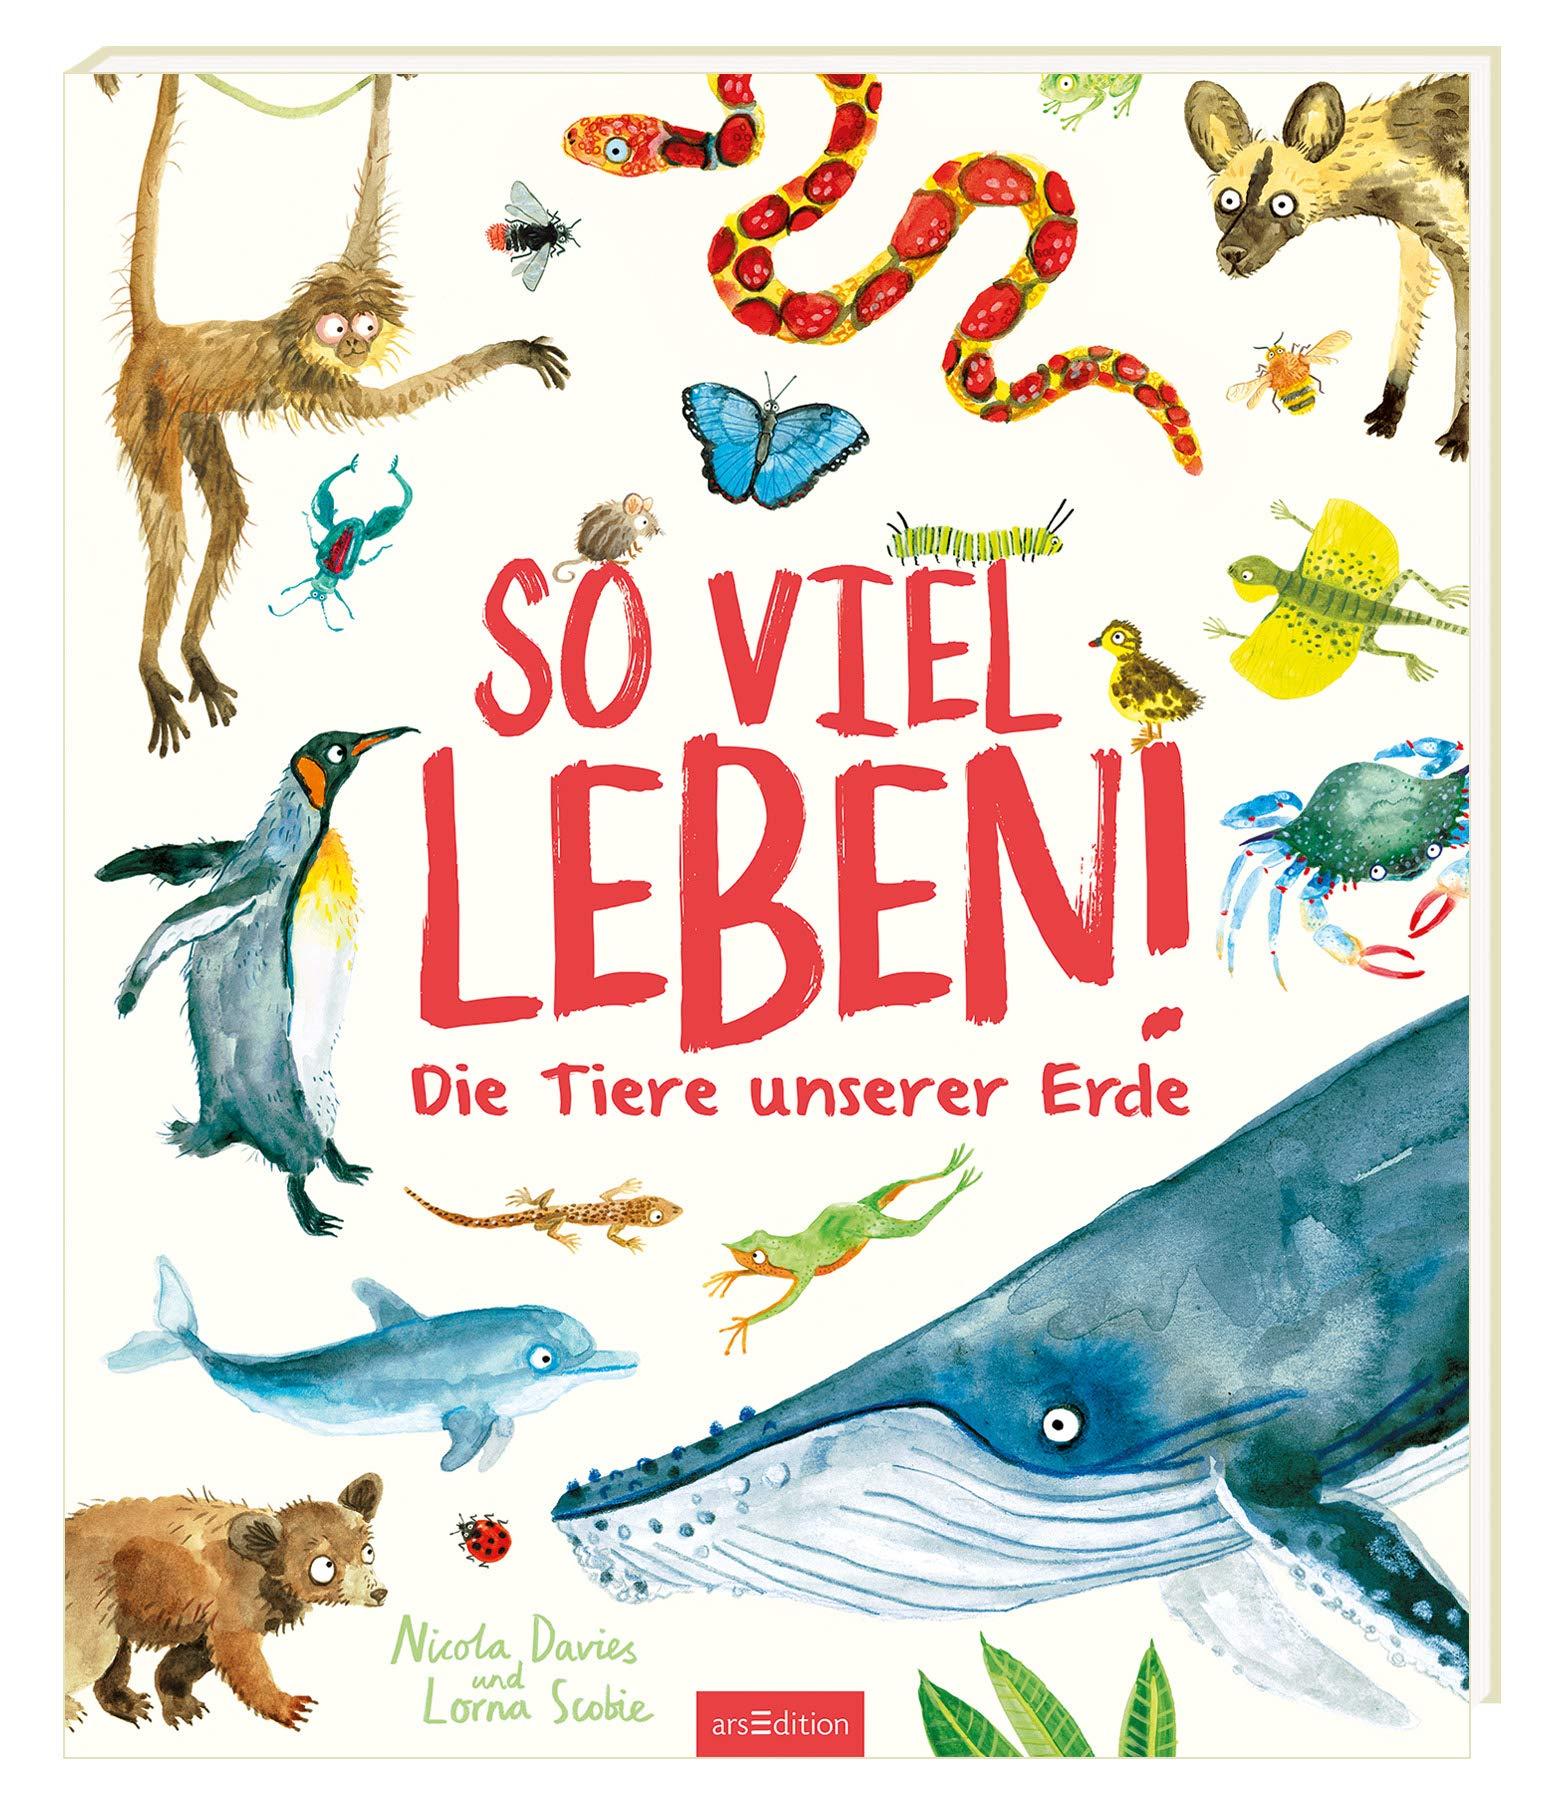 So viel Leben!: Die Tiere unserer Erde Gebundenes Buch – 18. Juni 2018 Nicola Davies Lorna Scobie Andreas Jäger arsEdition